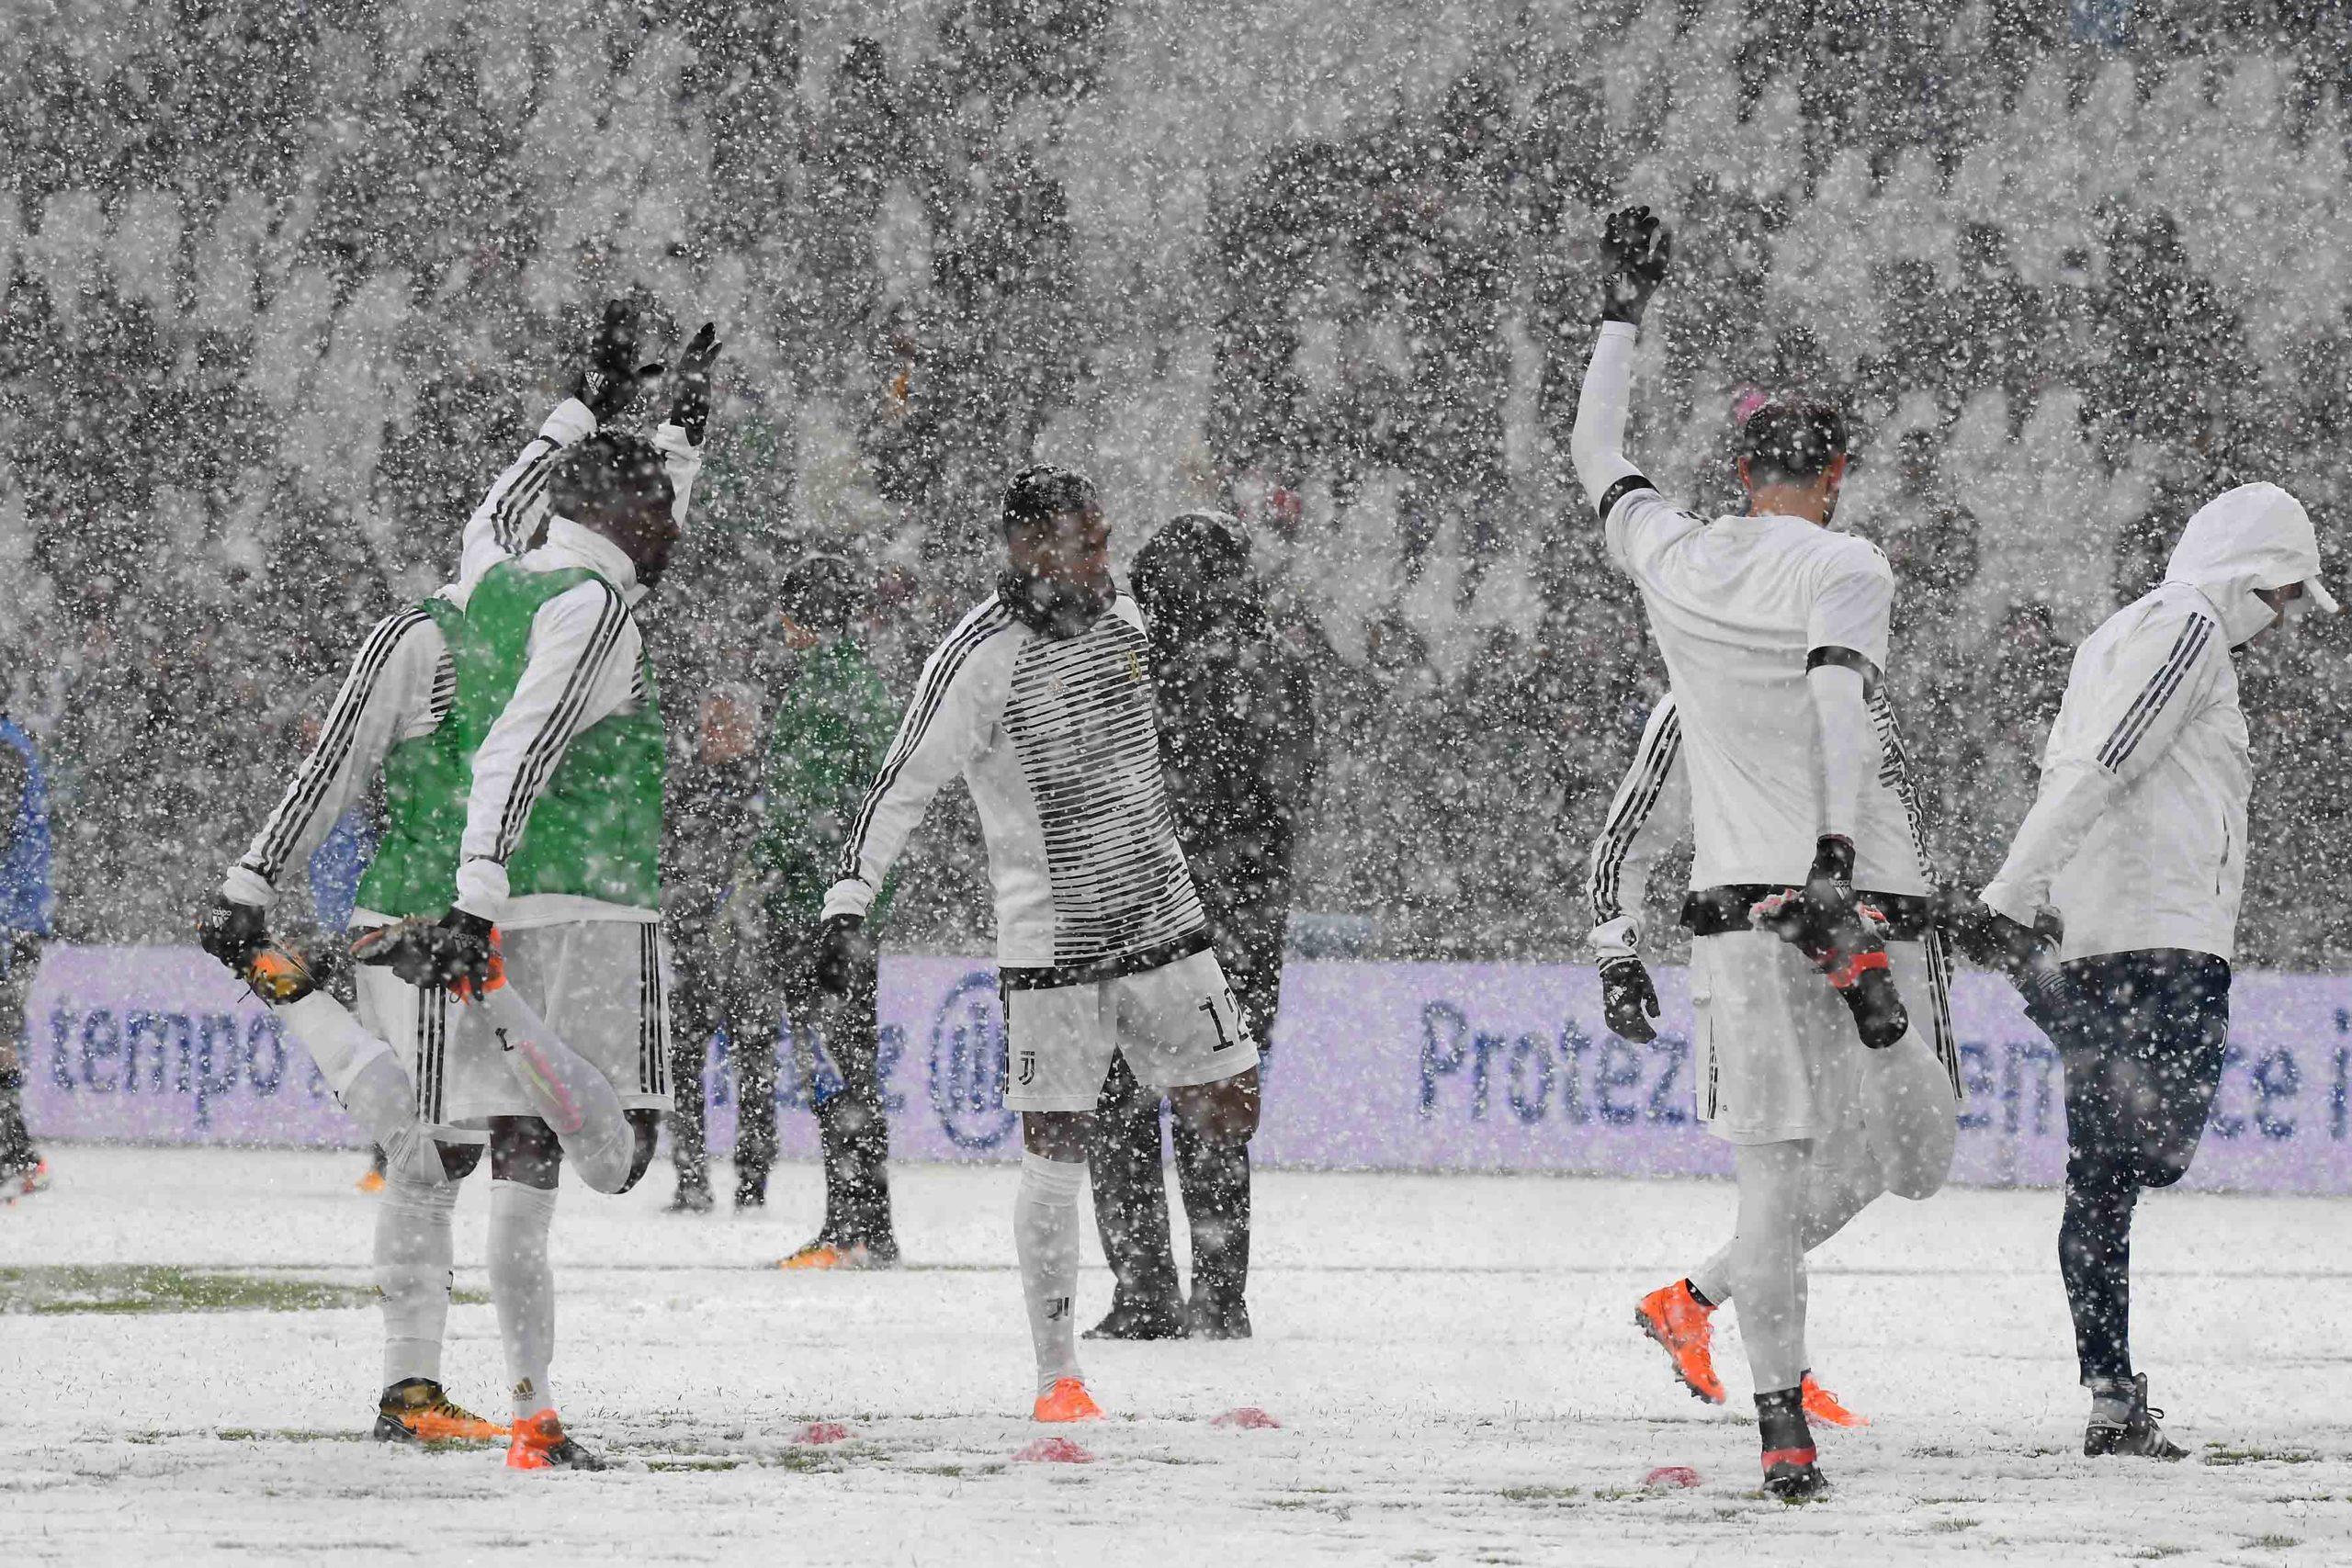 Calcio: Juventus-Atalanta rinviata a causa della forte tormente di neve che si è abbattuta su Torino e ha imbiancato, completamente, il terreno di gioco dell'Allianz Stadium (Tano Pecoraro/LaPresse)